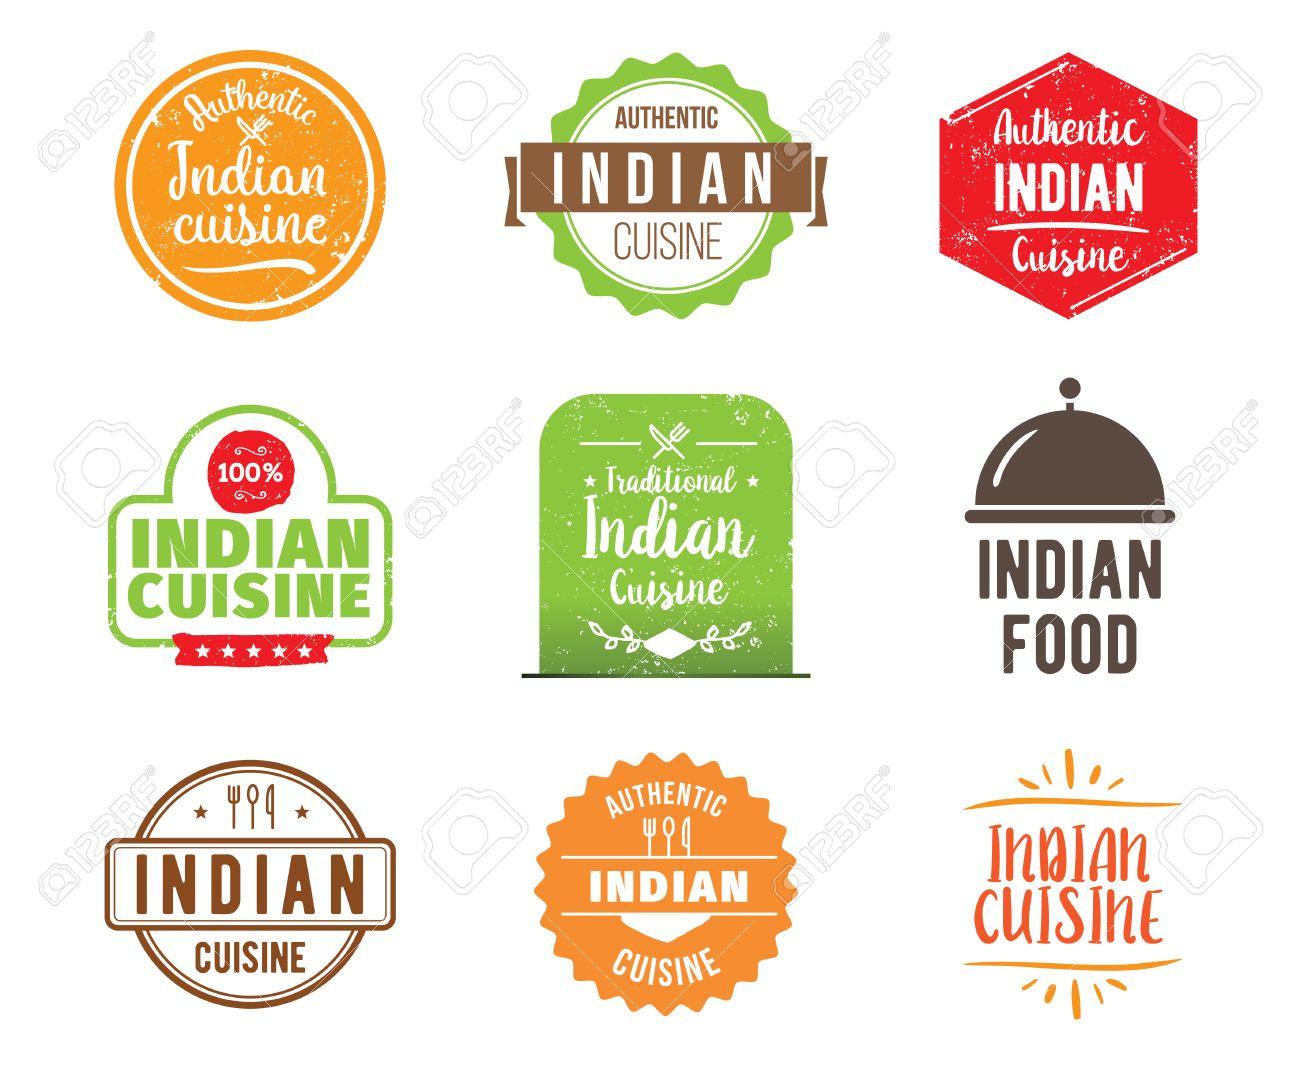 Cocina India, Comida Tradicional Auténtico, Se Encuentra El Diseño ...